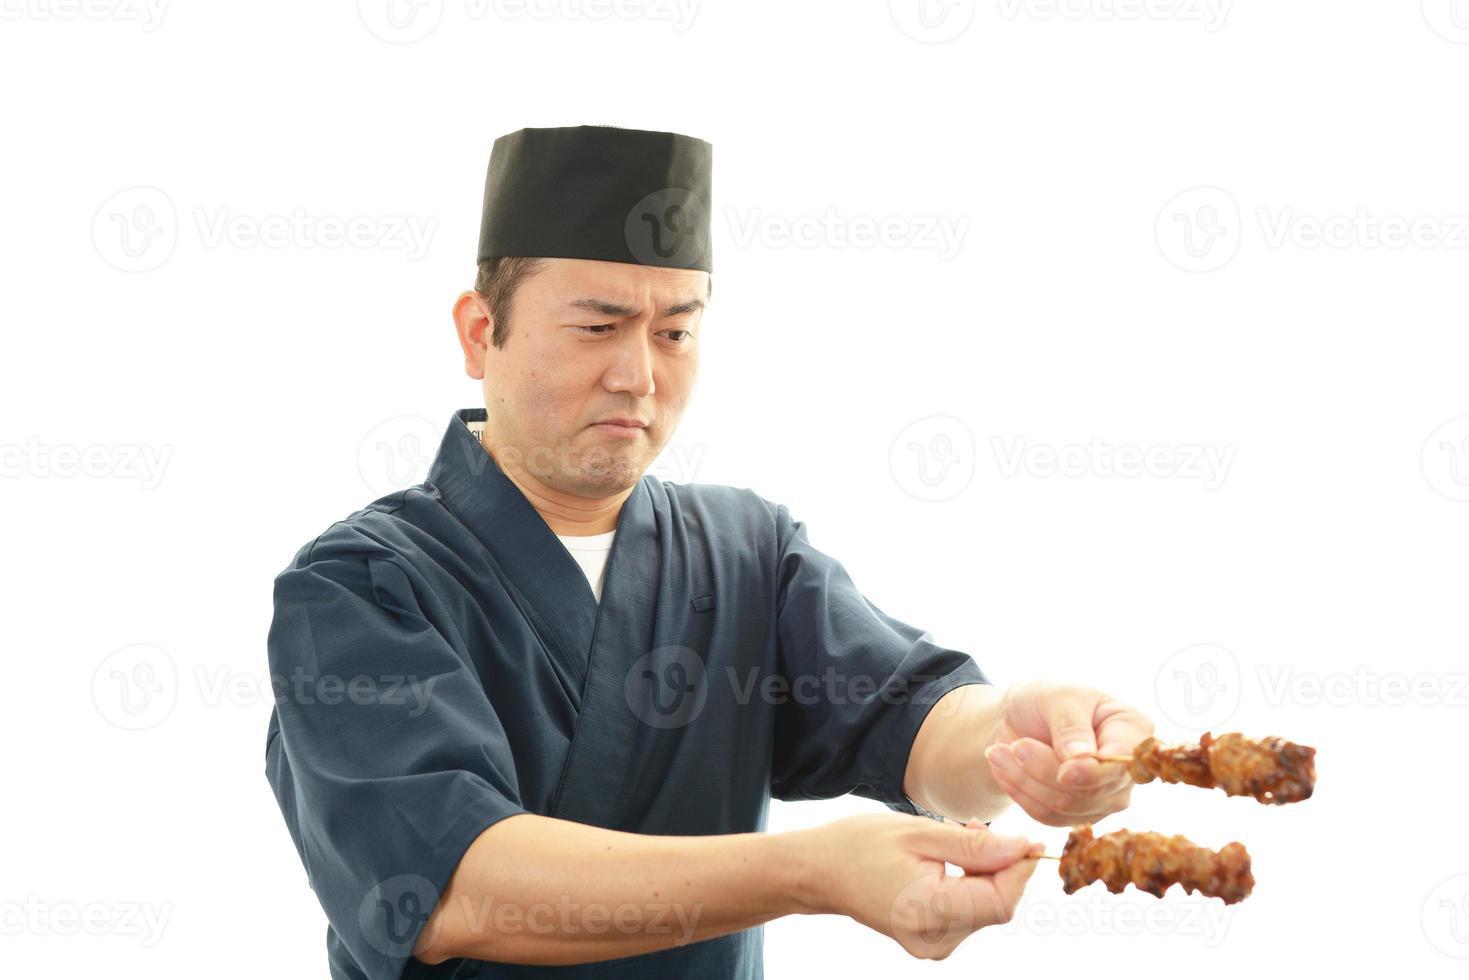 arbeitender asiatischer Koch foto